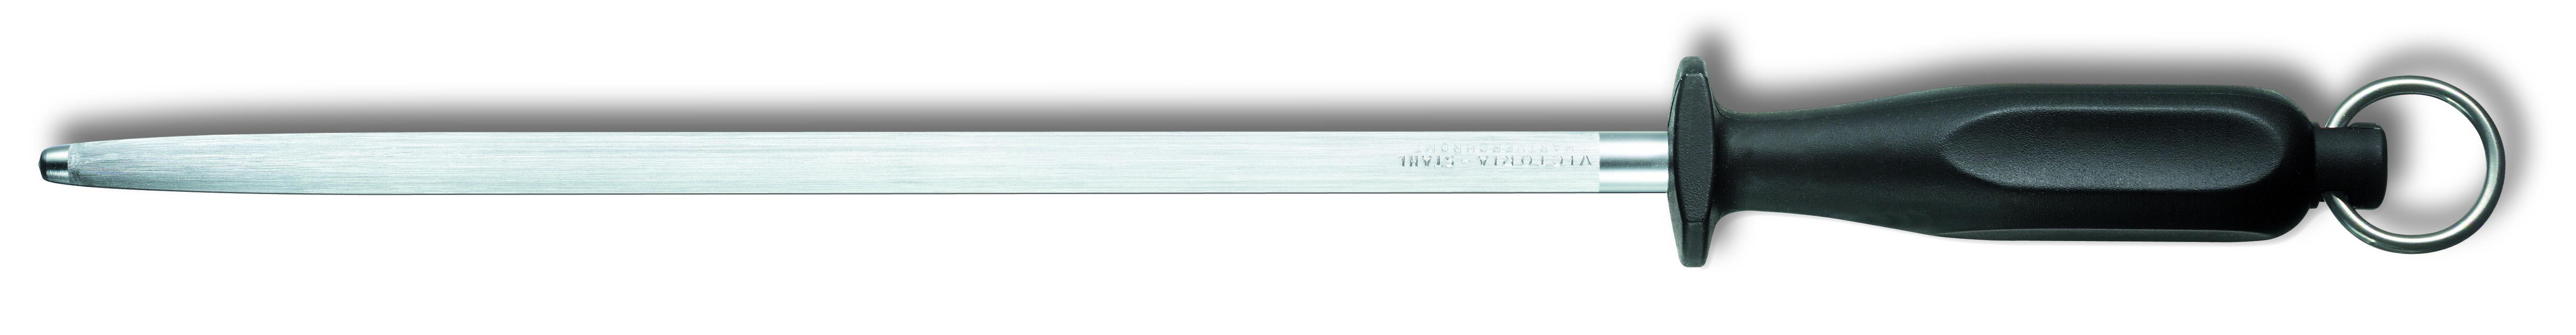 Victorinox Sharpening Steel Round 30 Cm Victorinox